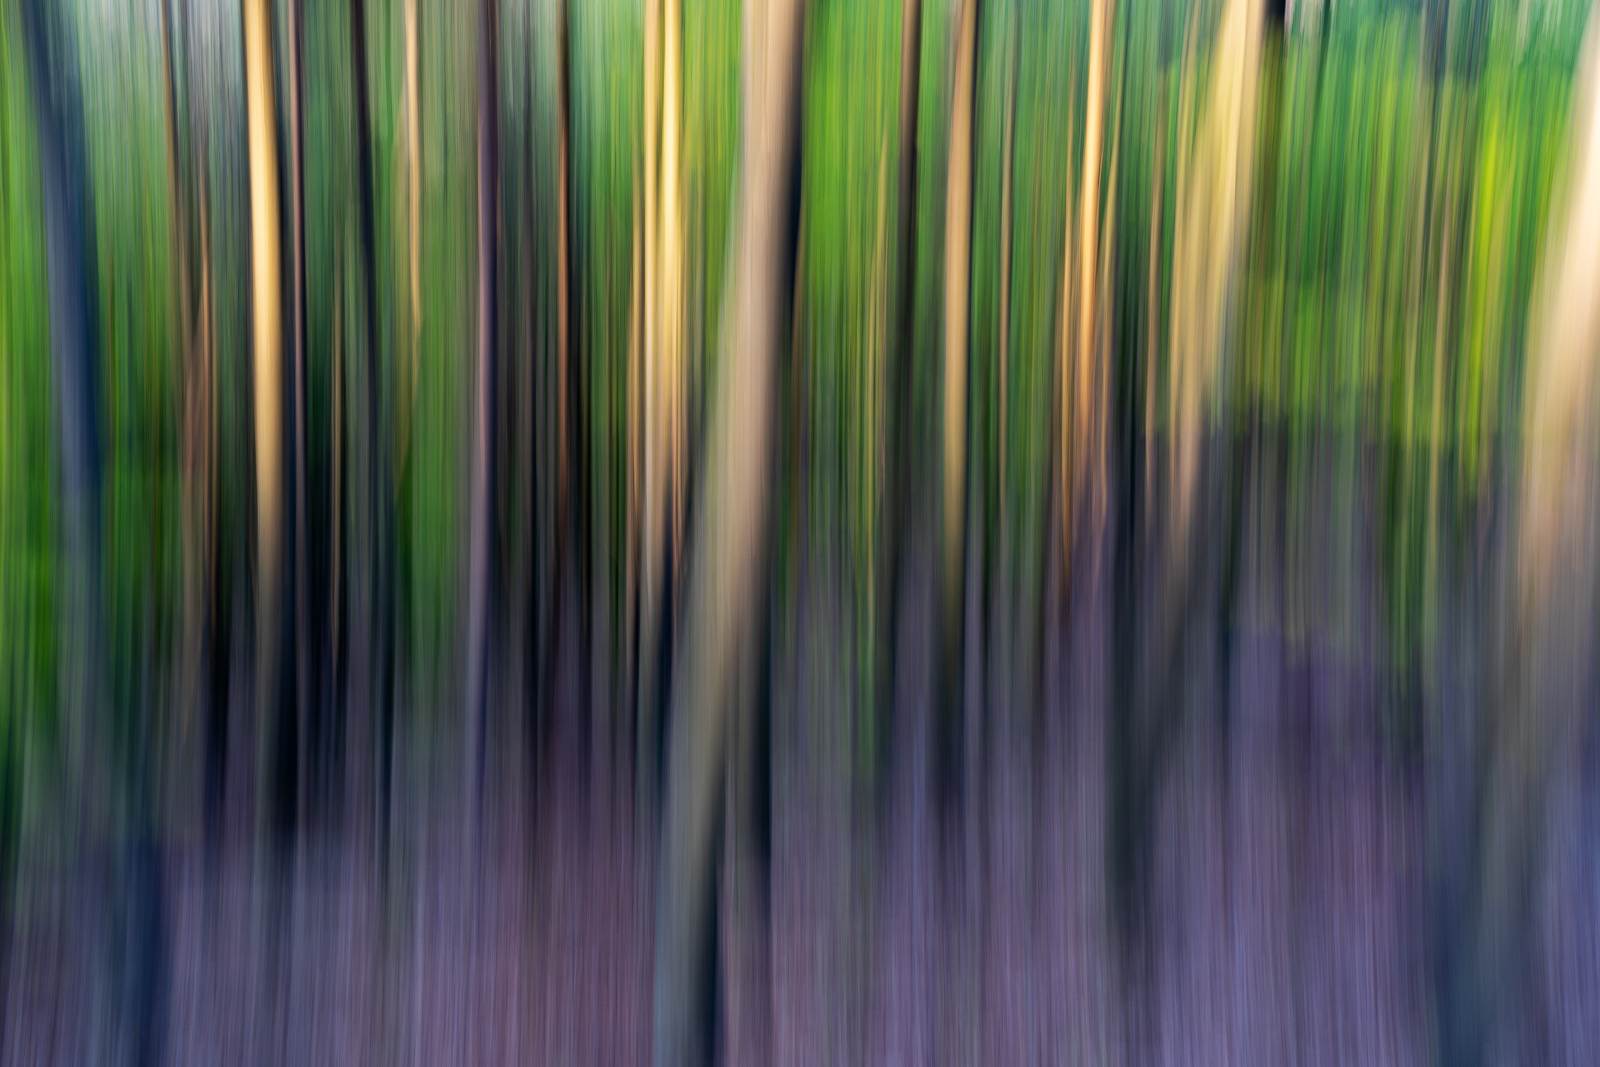 Nature - Photo 3